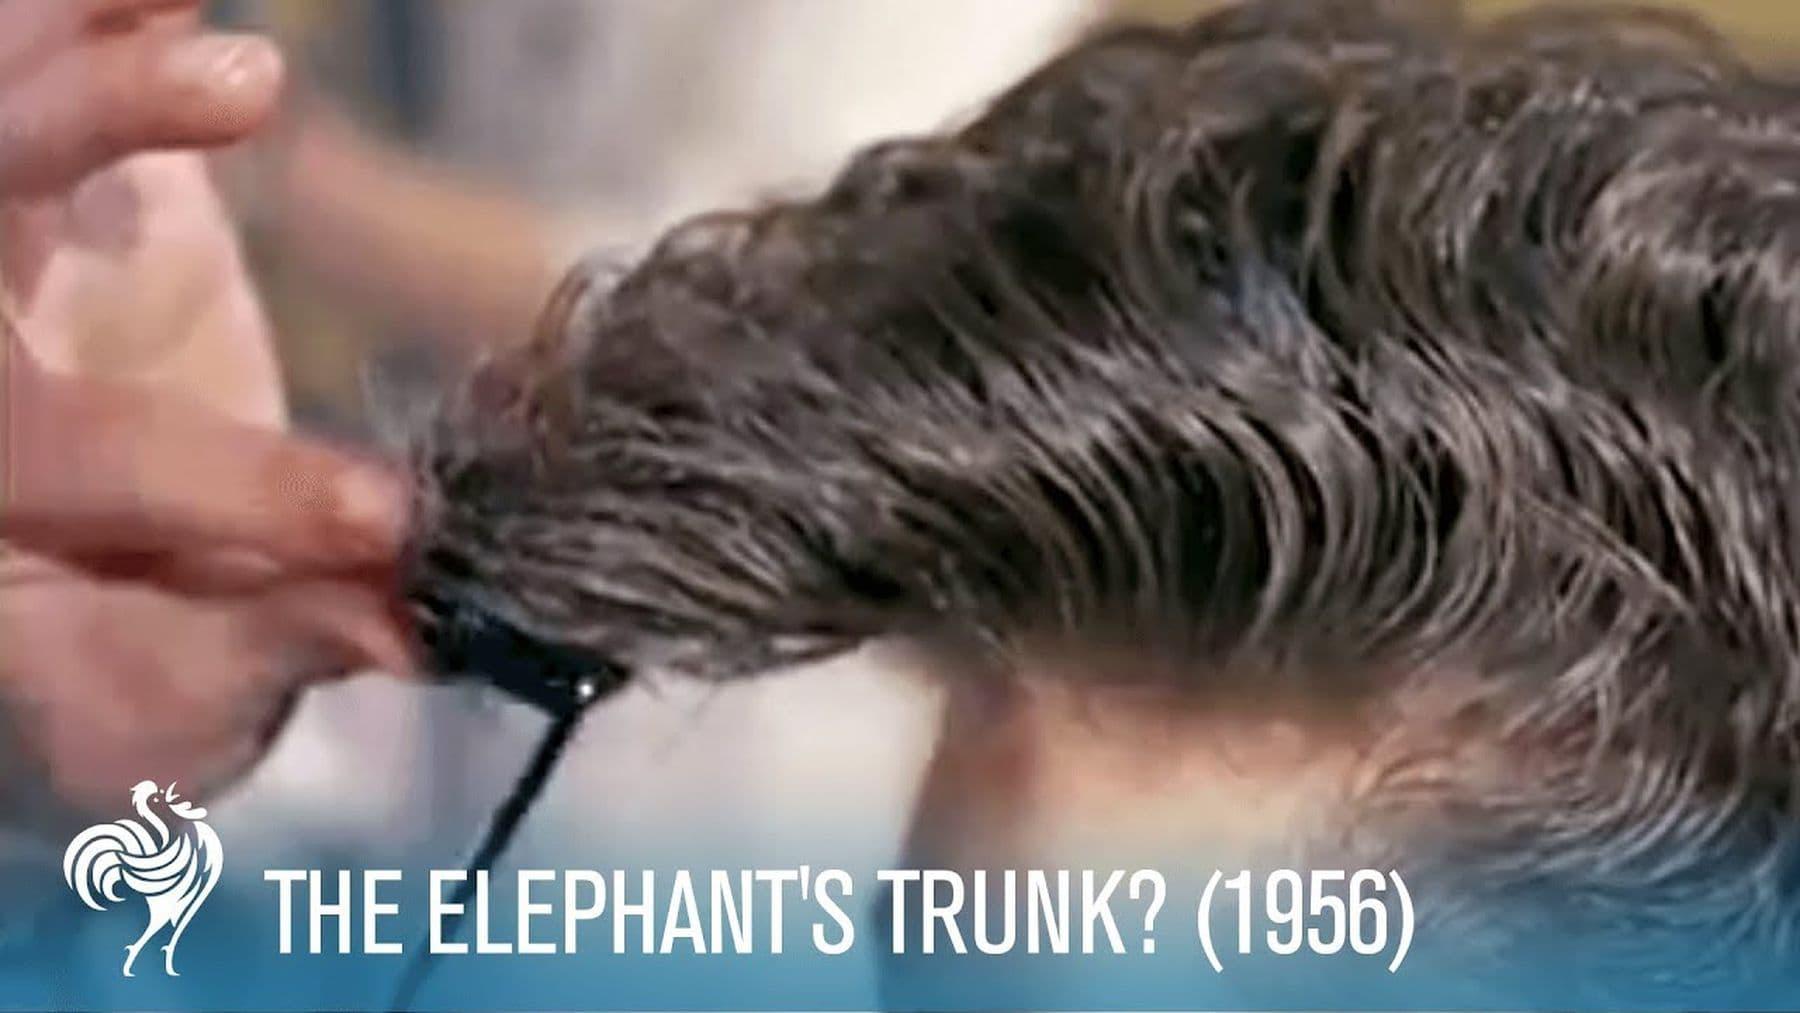 Der Elefantenrüssel als Frisur | Zeitgeschichte | Was is hier eigentlich los?